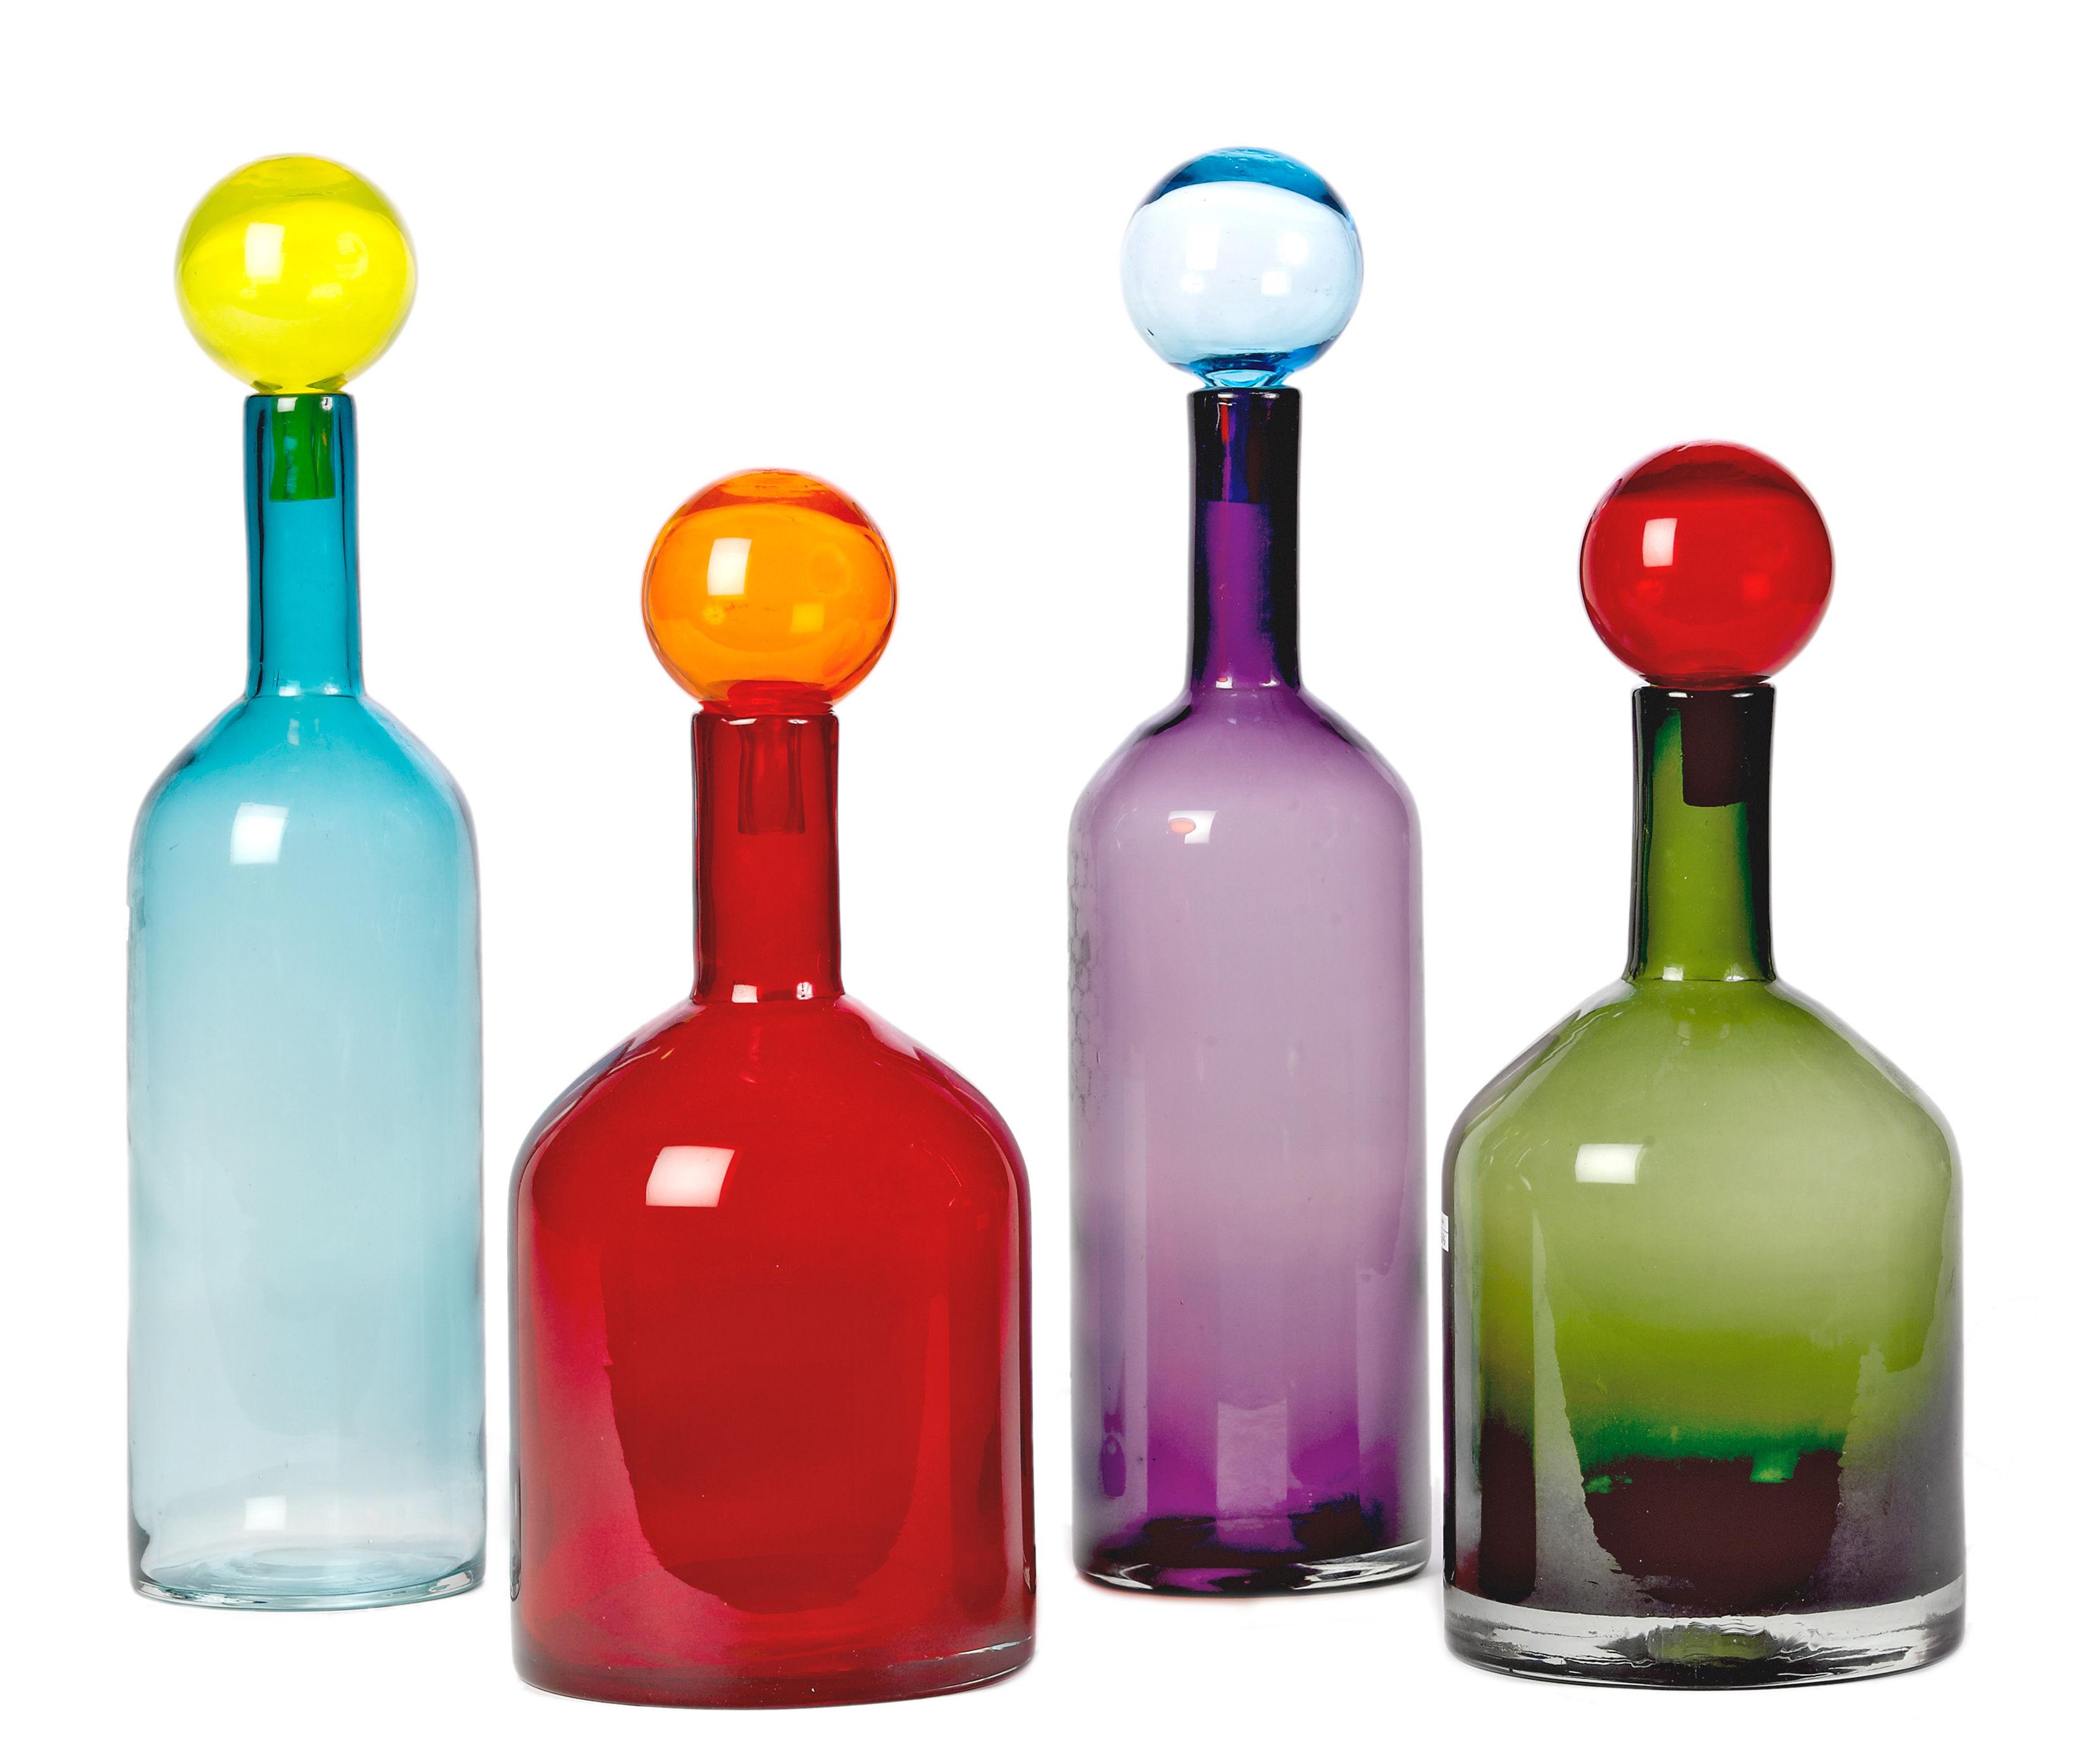 Arts de la table - Carafes et décanteurs - Carafe Bubbles & Bottles / Verre - Set de 4 - Pols Potten - Multicolore - Verre teinté dans la masse